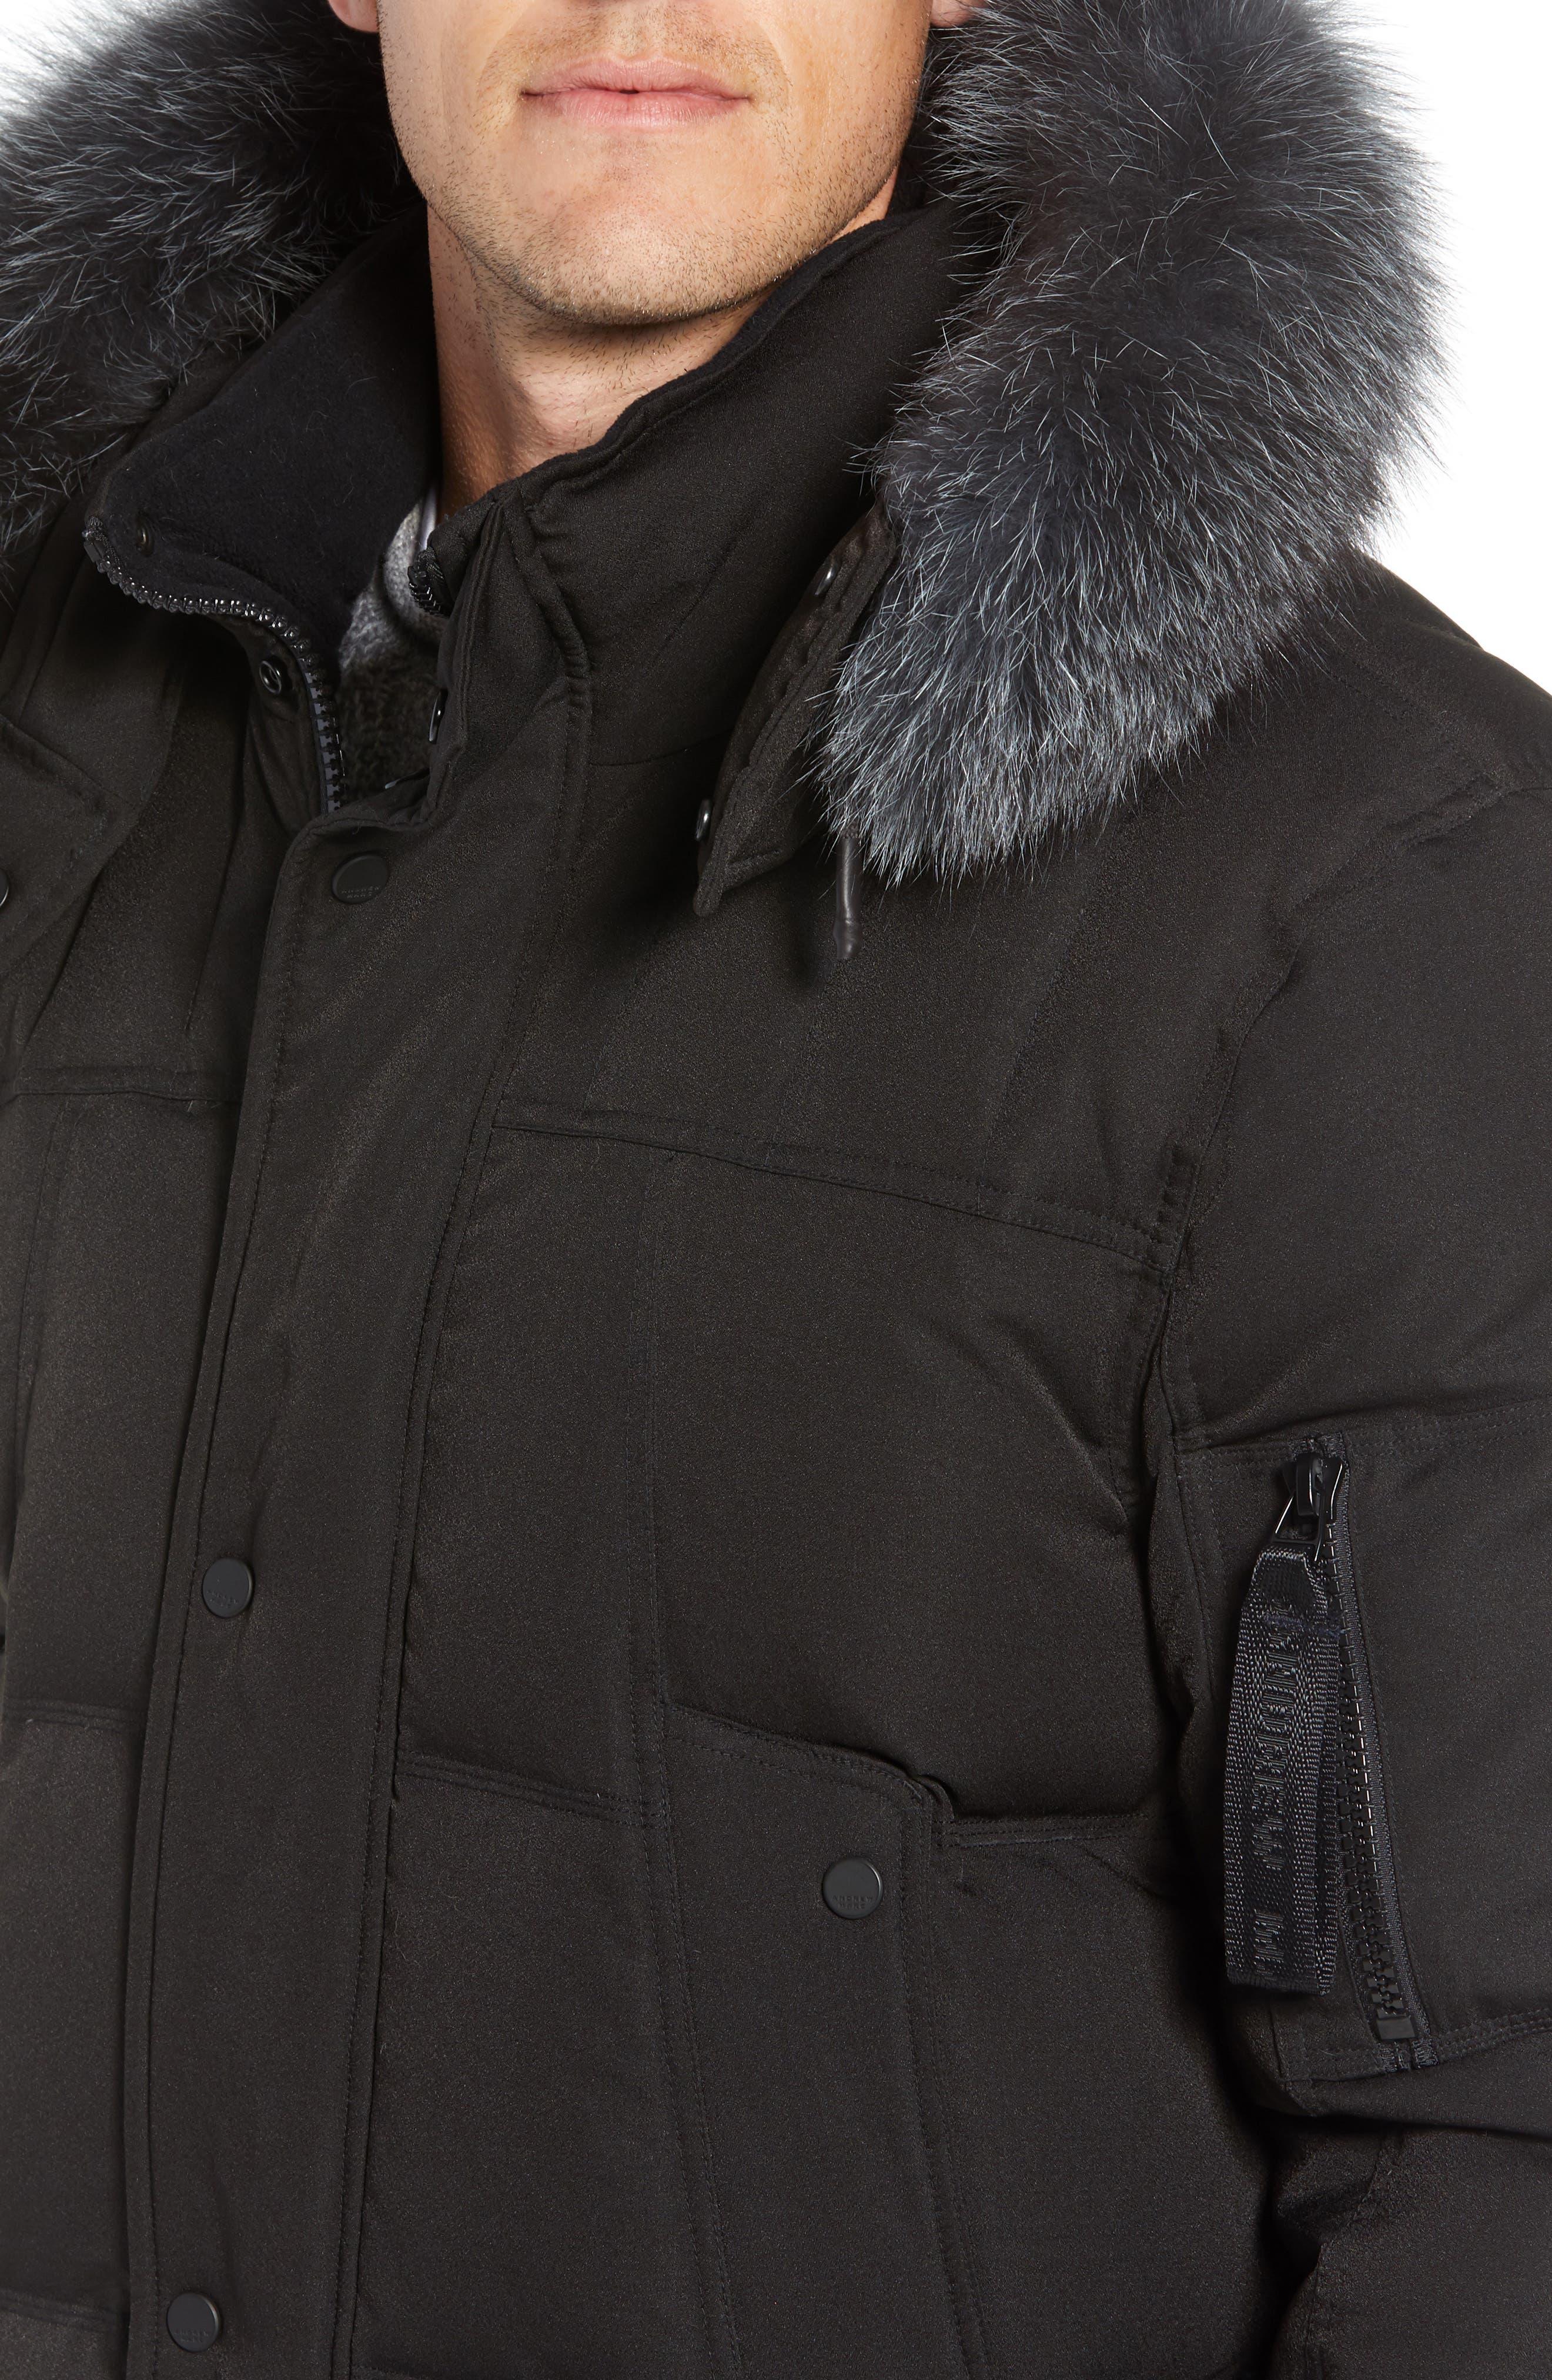 Bennett Genuine Fox Fur Trim Down Bomber Jacket,                             Alternate thumbnail 5, color,                             BLACK